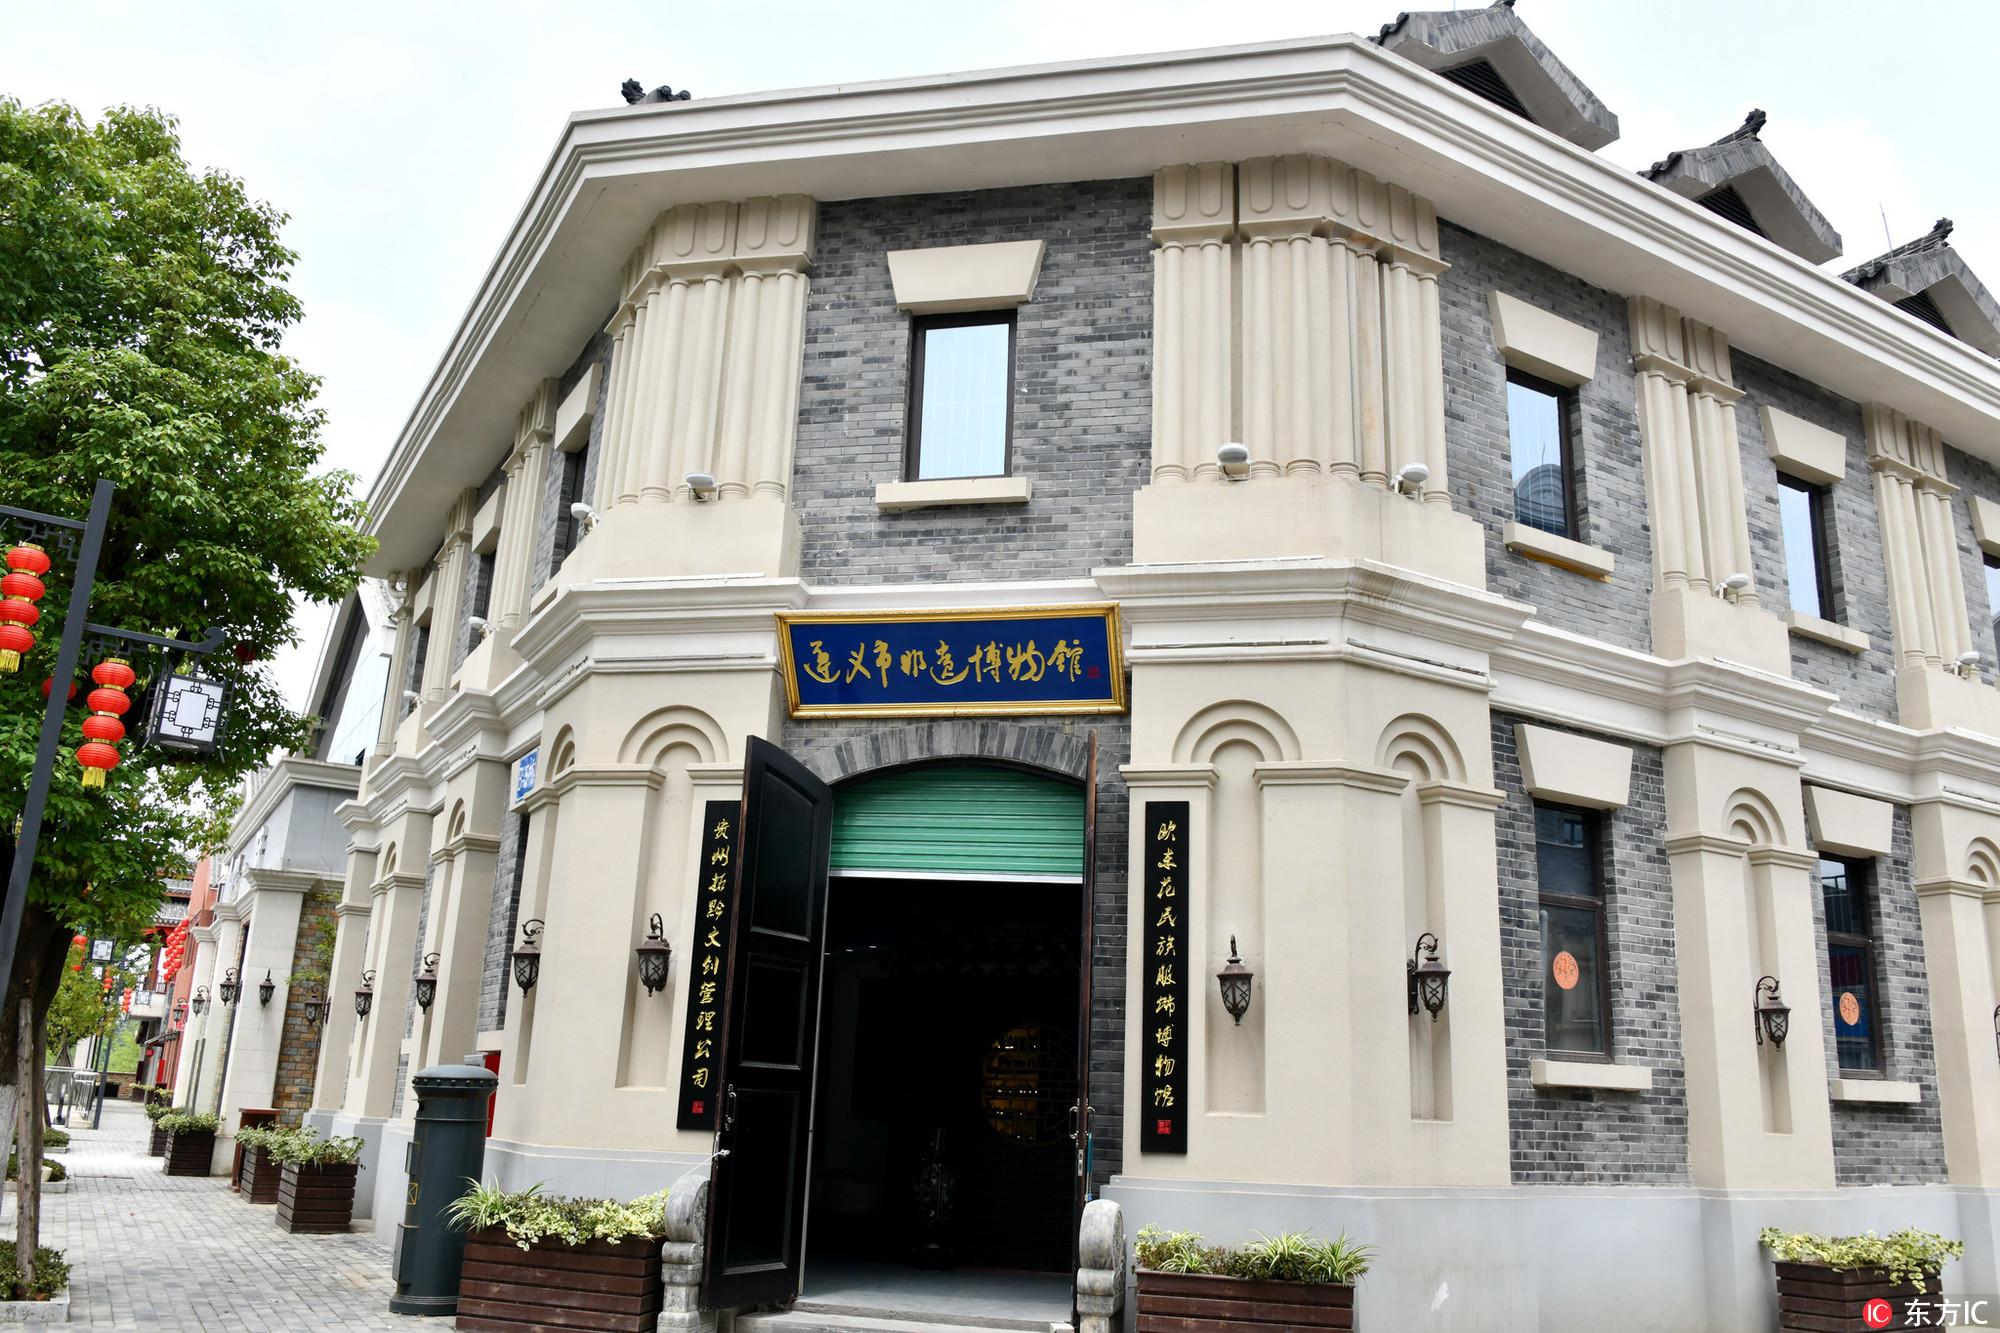 多彩贵州网贵州频道 贵州旅游    黔北老街位于贵州省遵义市新浦新区